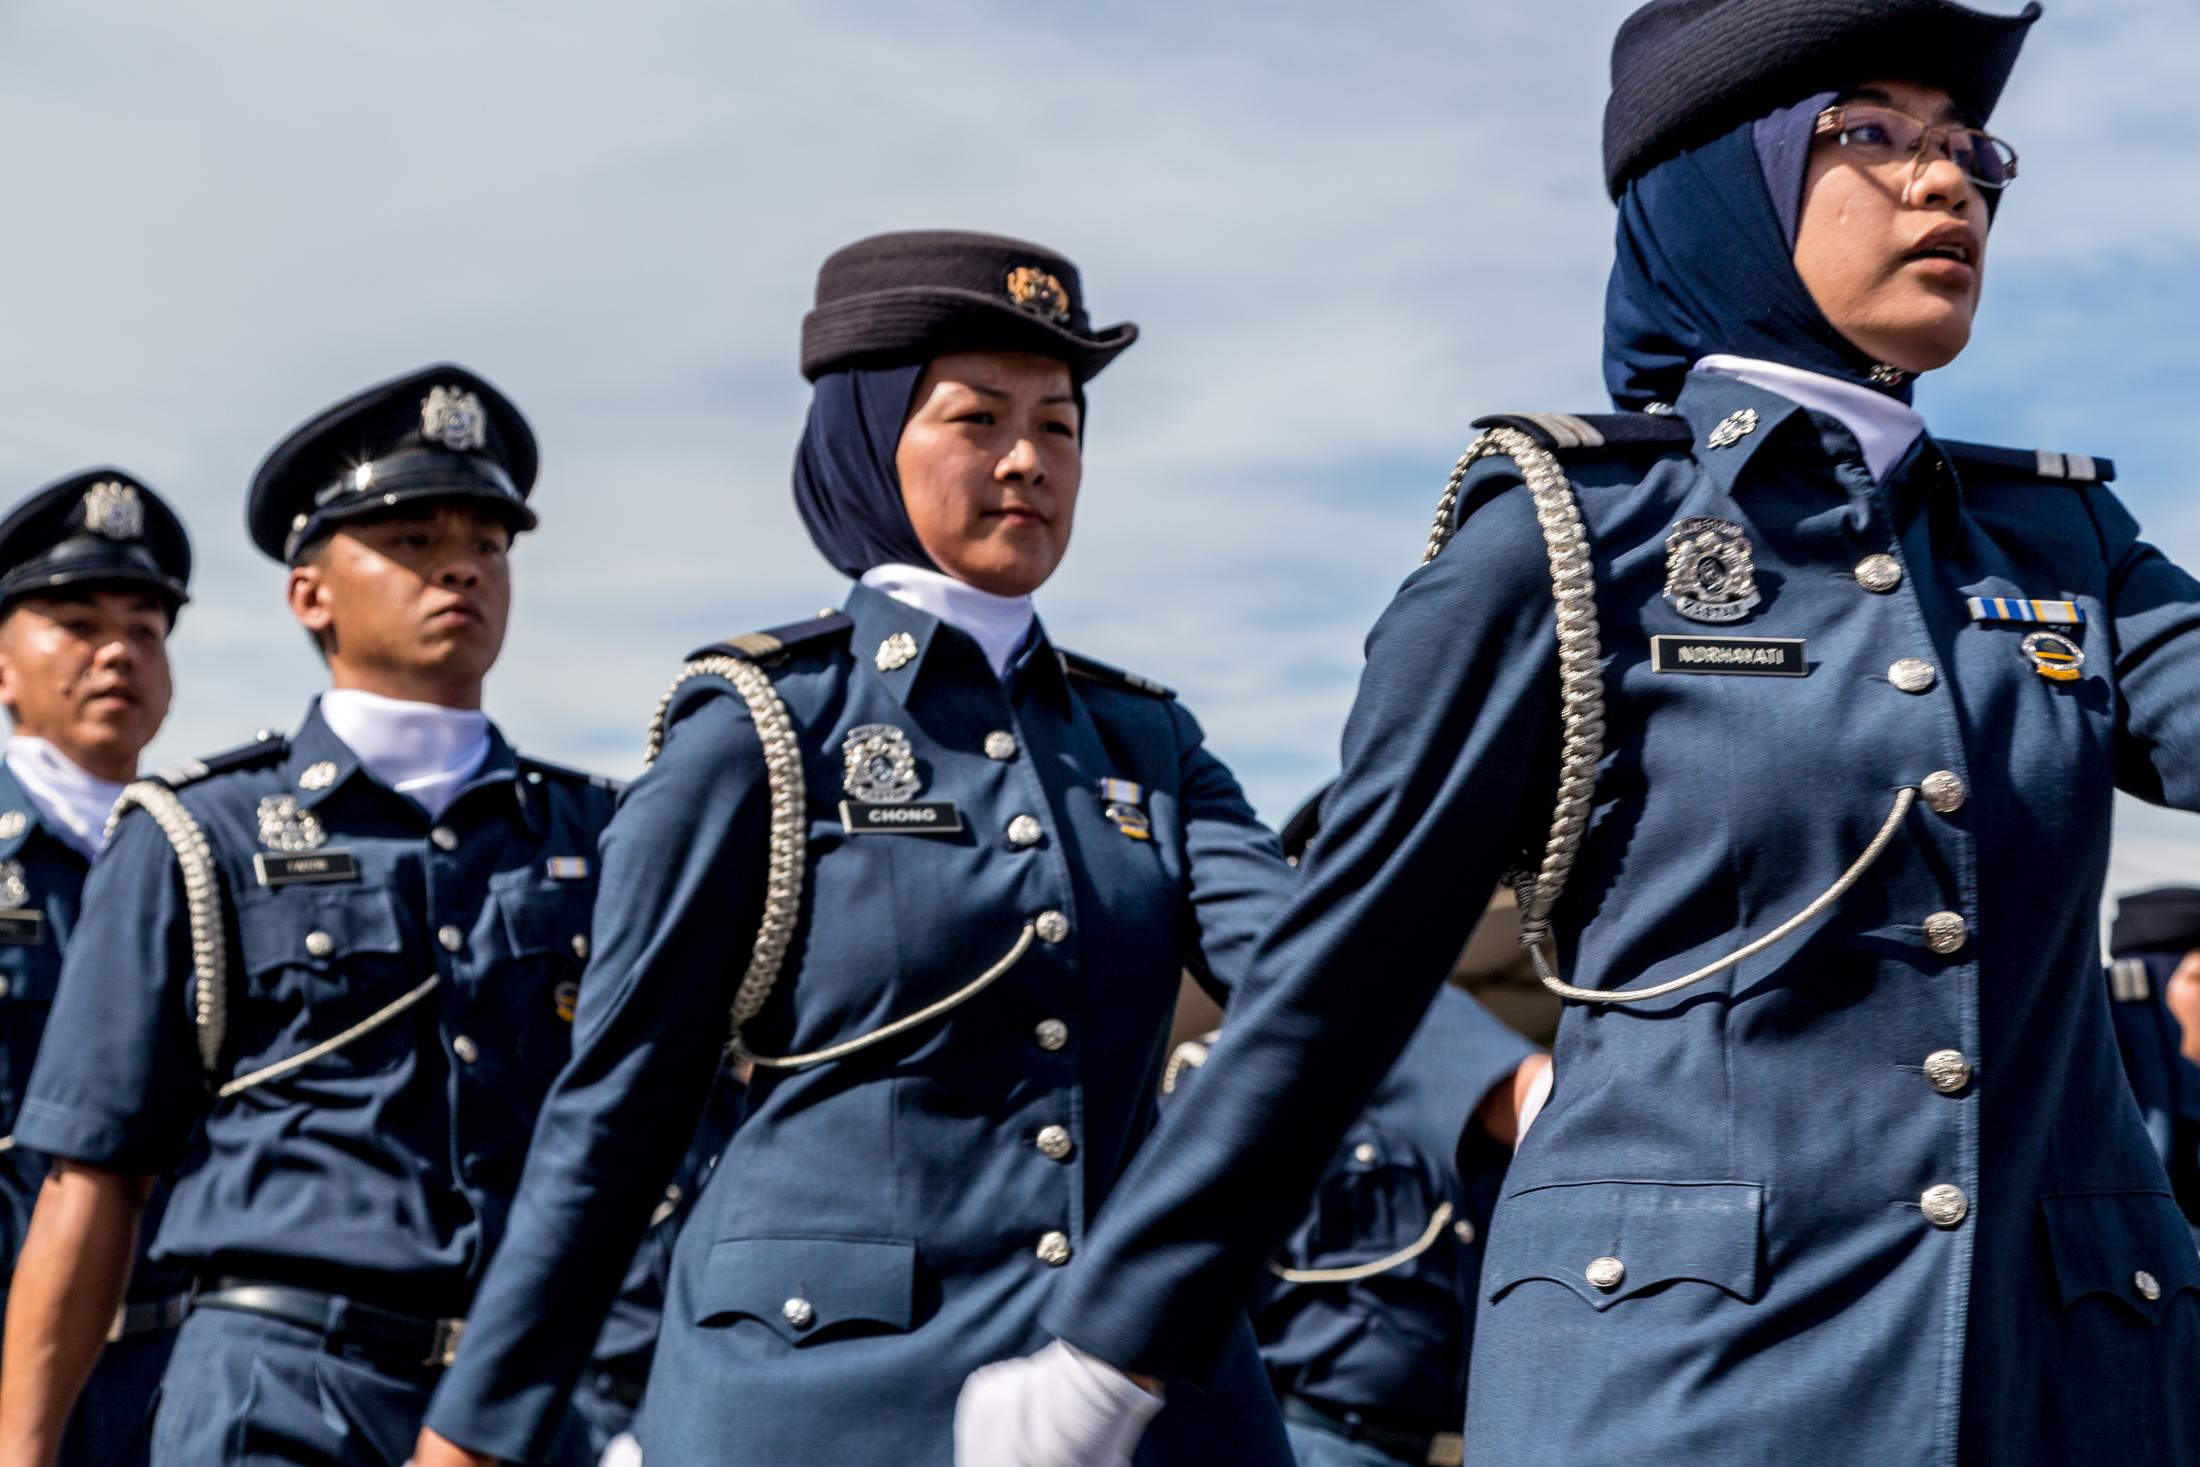 Contoh soalan peperiksaan penolong penguasa kastam wk29 for Uniform spa malaysia